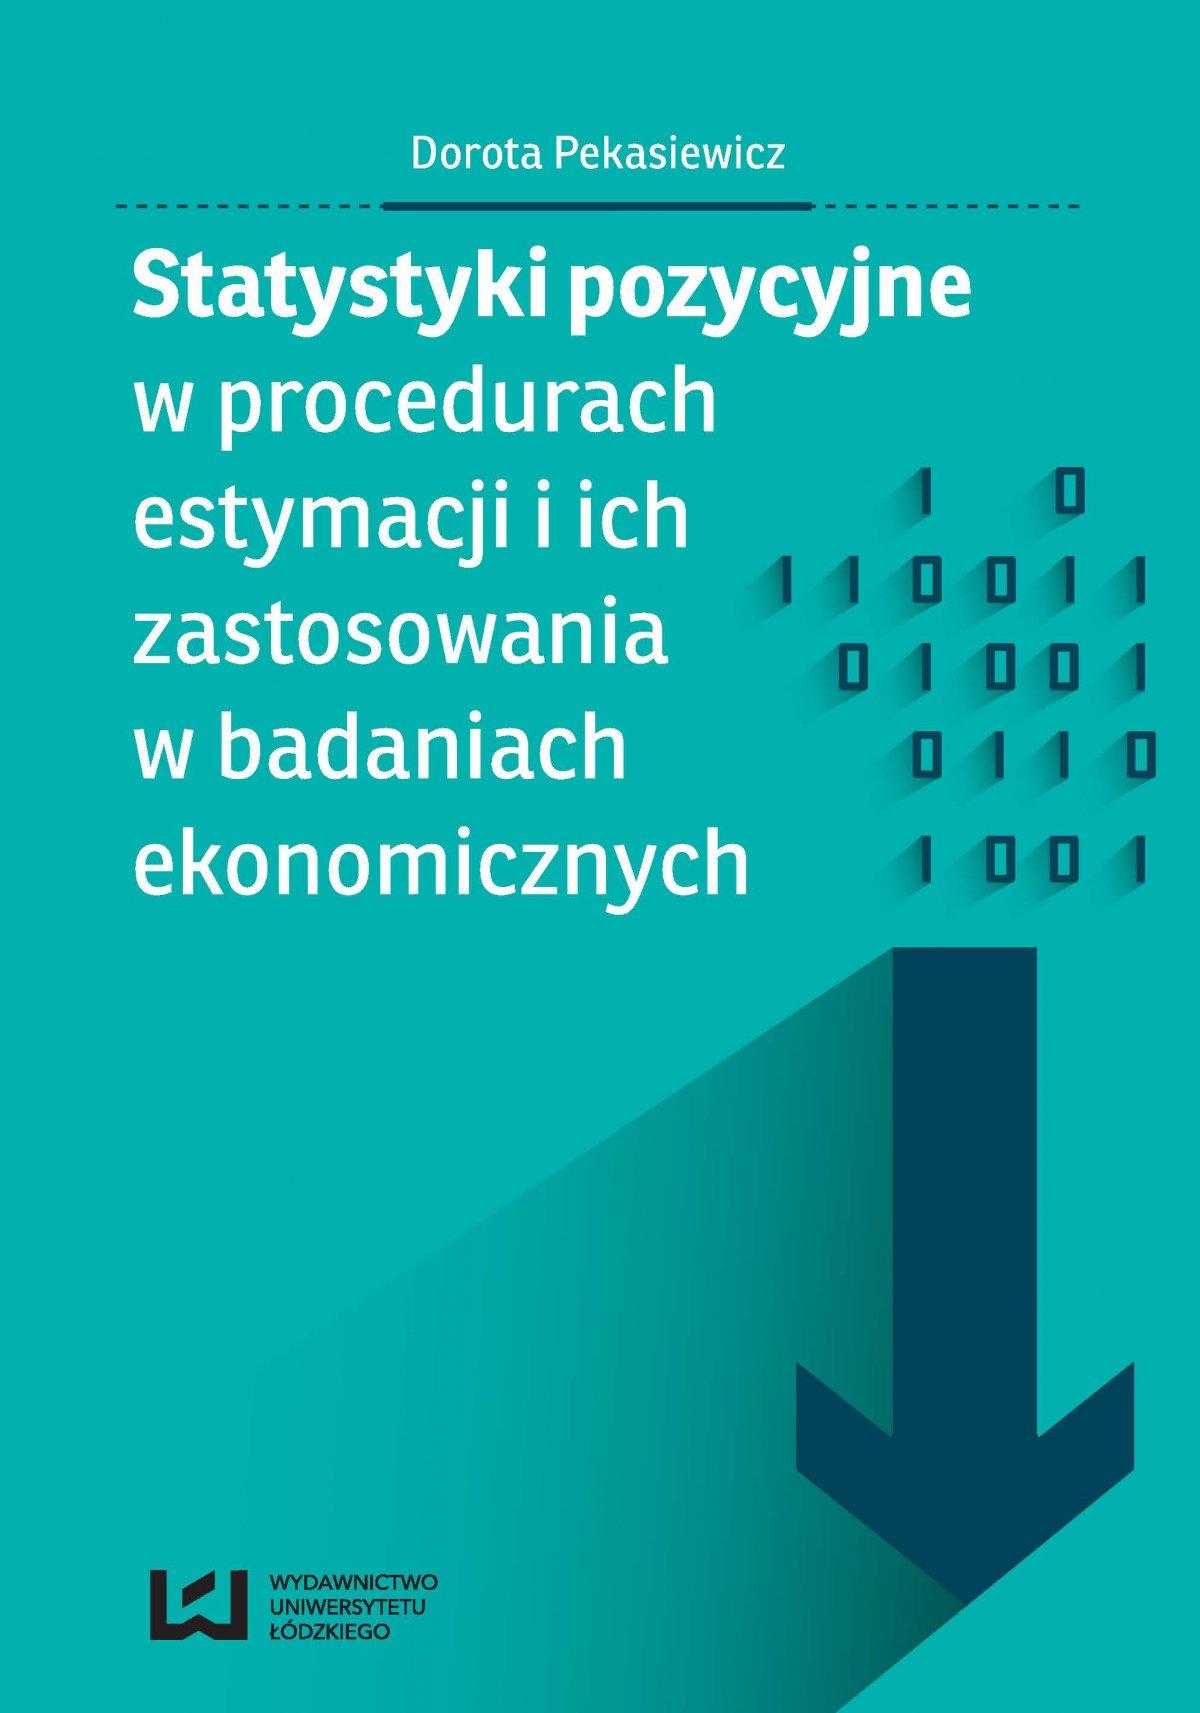 Statystyki pozycyjne w procedurach estymacji i ich zastosowania w badaniach ekonomicznych - Ebook (Książka PDF) do pobrania w formacie PDF